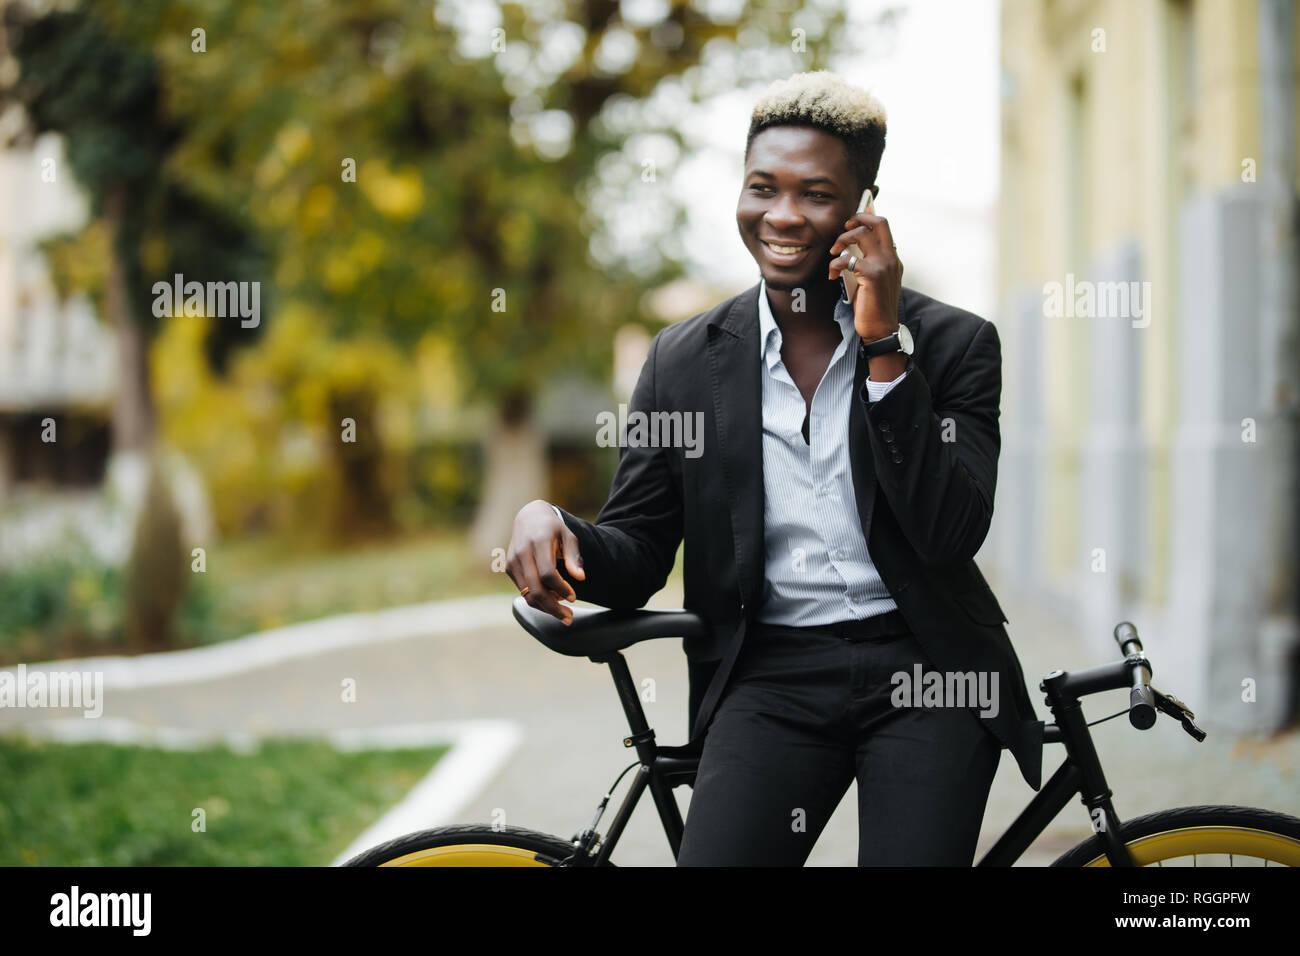 Portrait of handsome young man using mobile phone et location d'engins fixes dans la rue. Banque D'Images